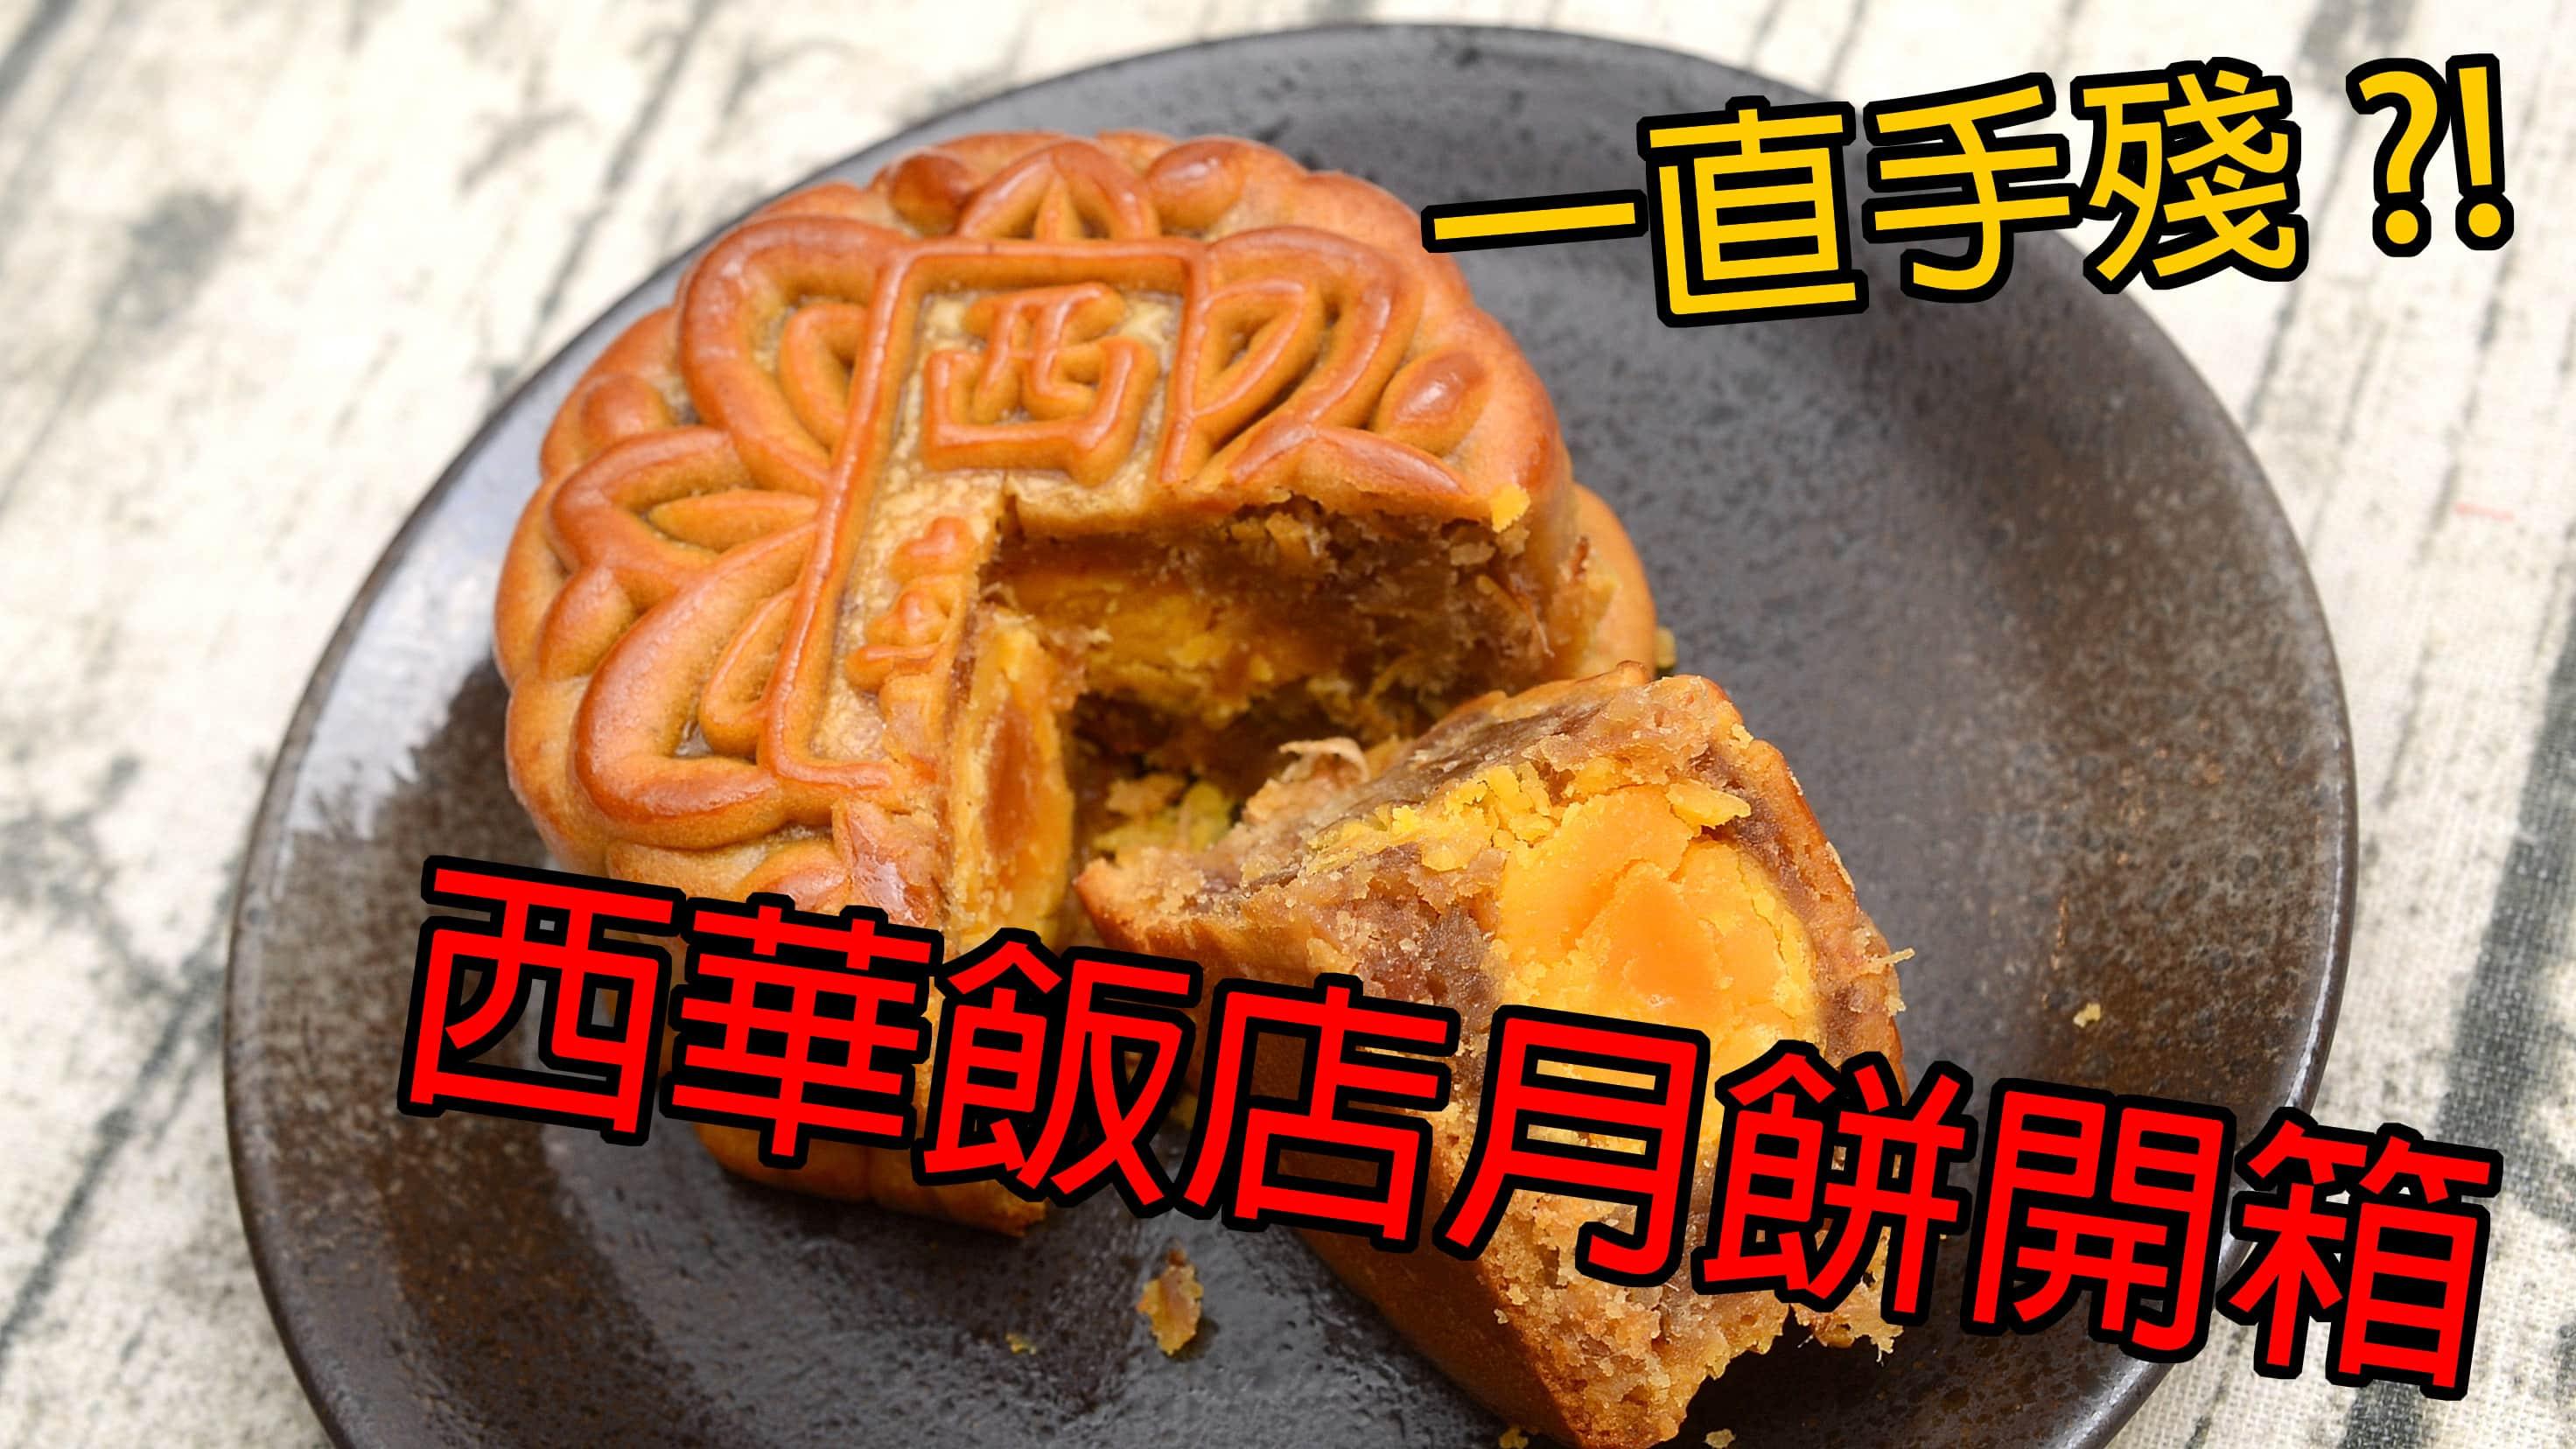 西華飯店 2020 中秋月餅禮盒 用影片告訴你有多好吃